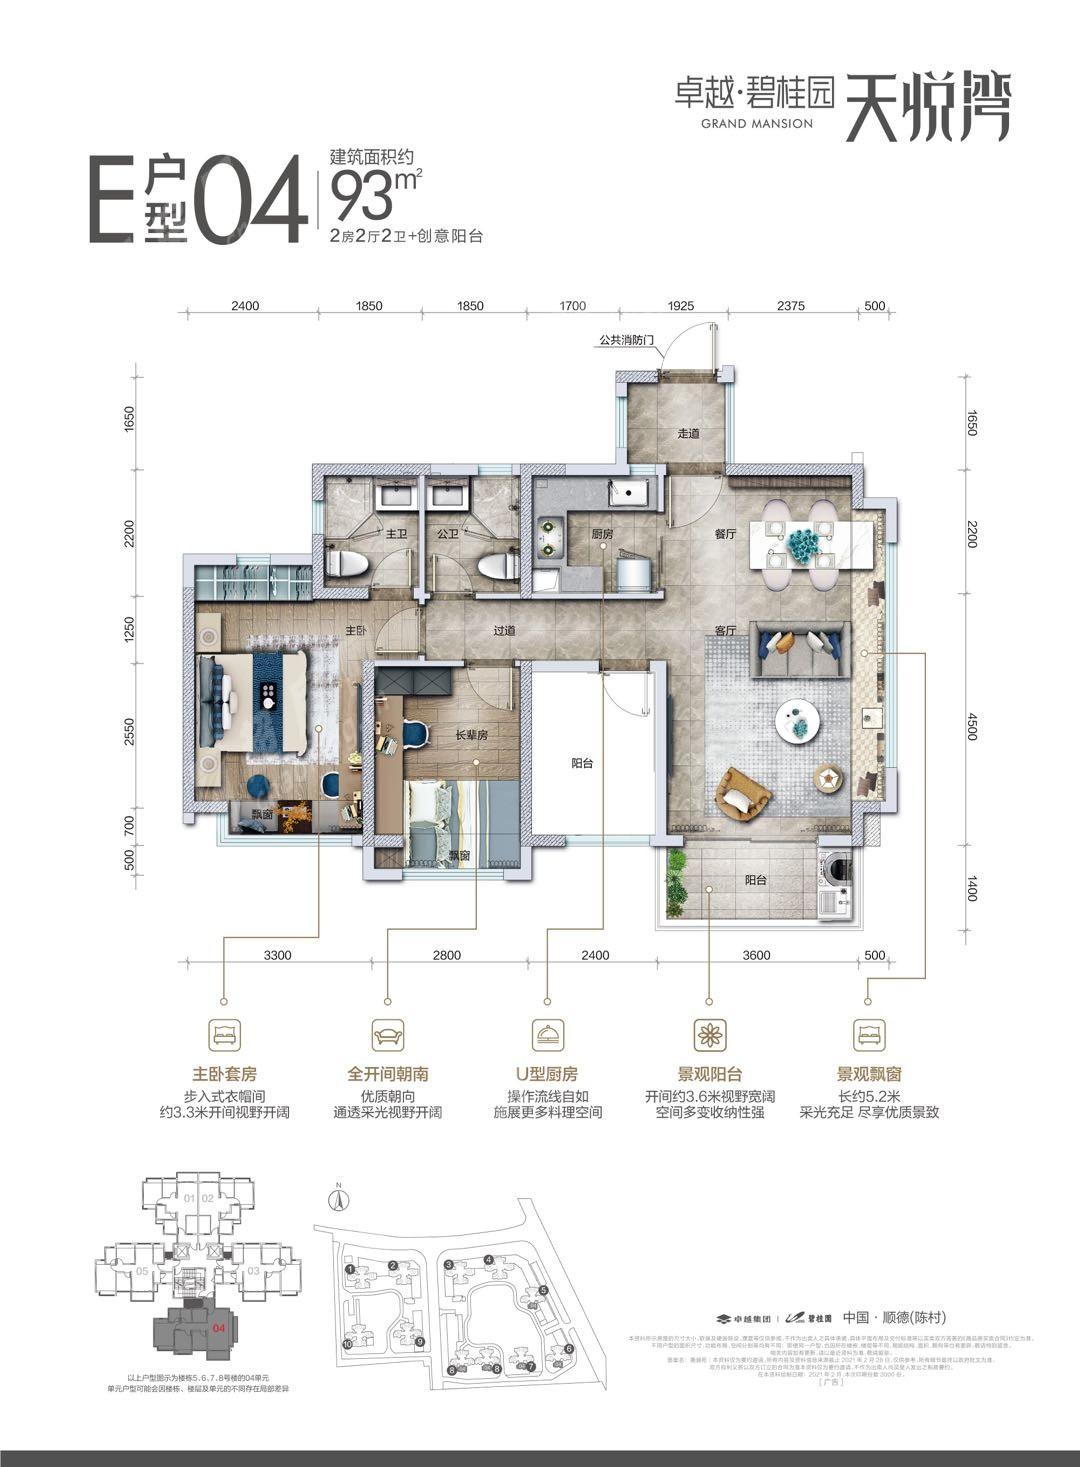 碧桂園天悅灣(新房)新房E戶型 2室2廳2衛戶型圖